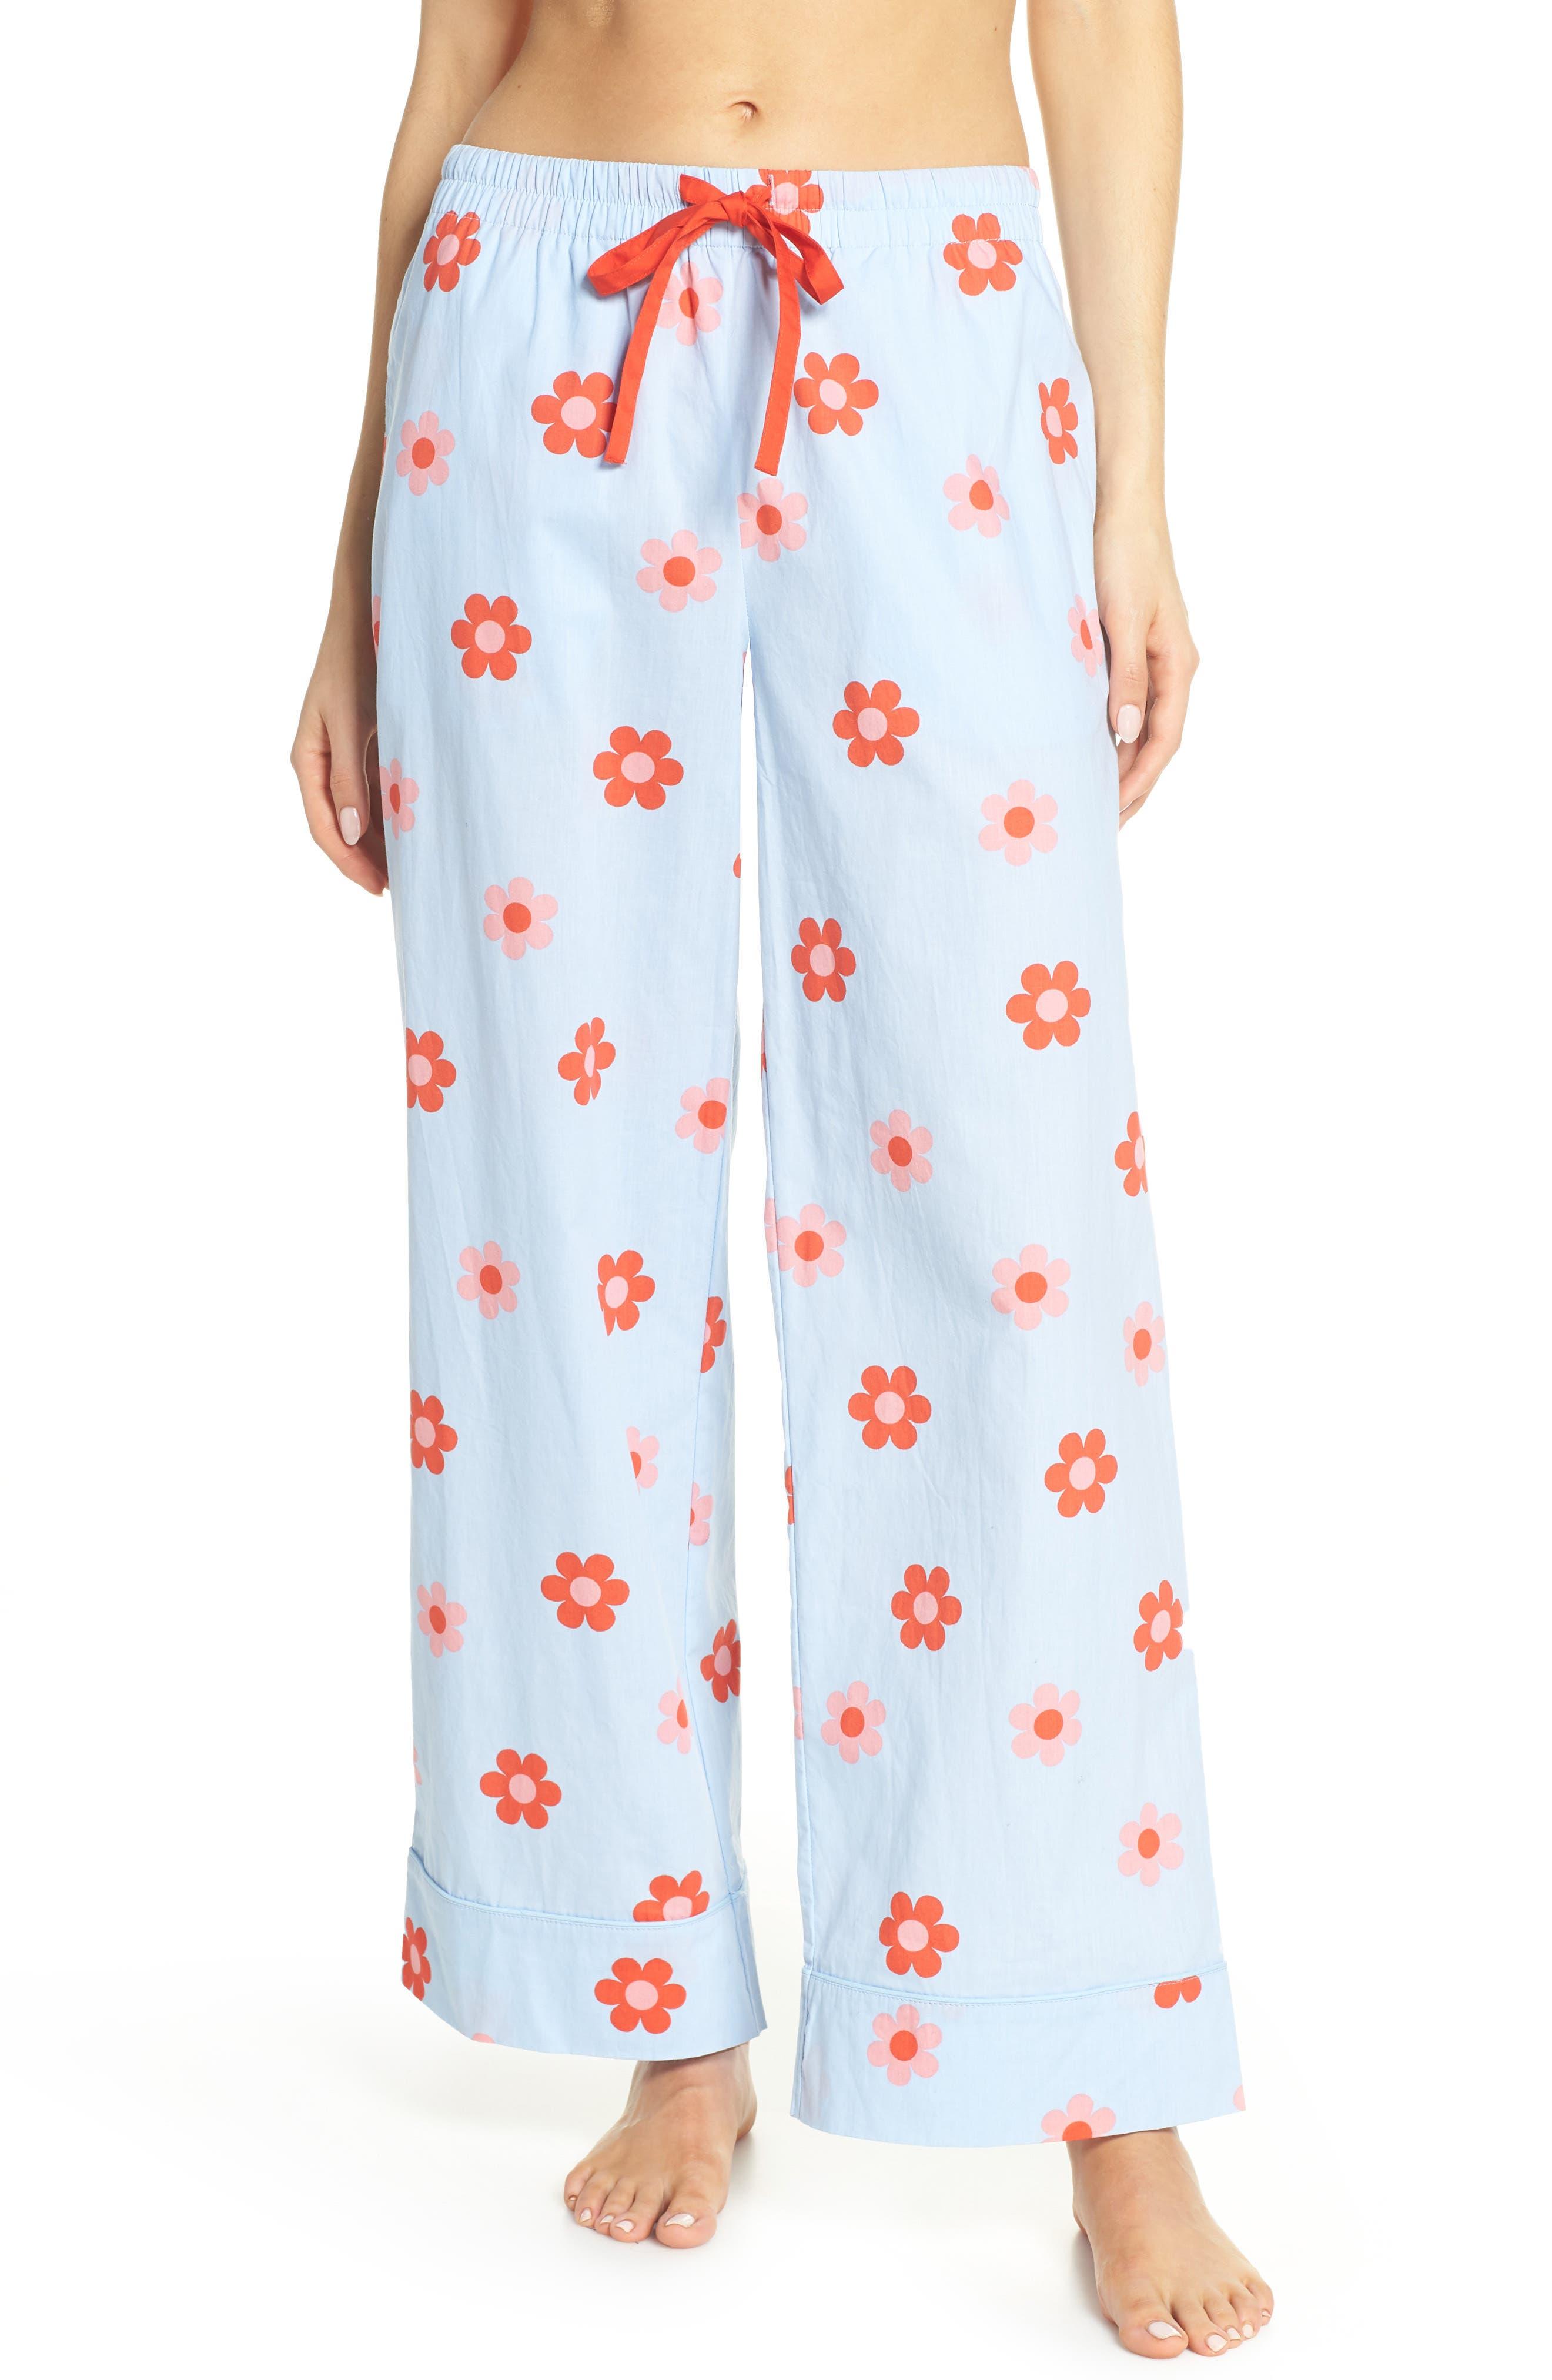 Retro Daisy Sleep Pants by Ban.Do